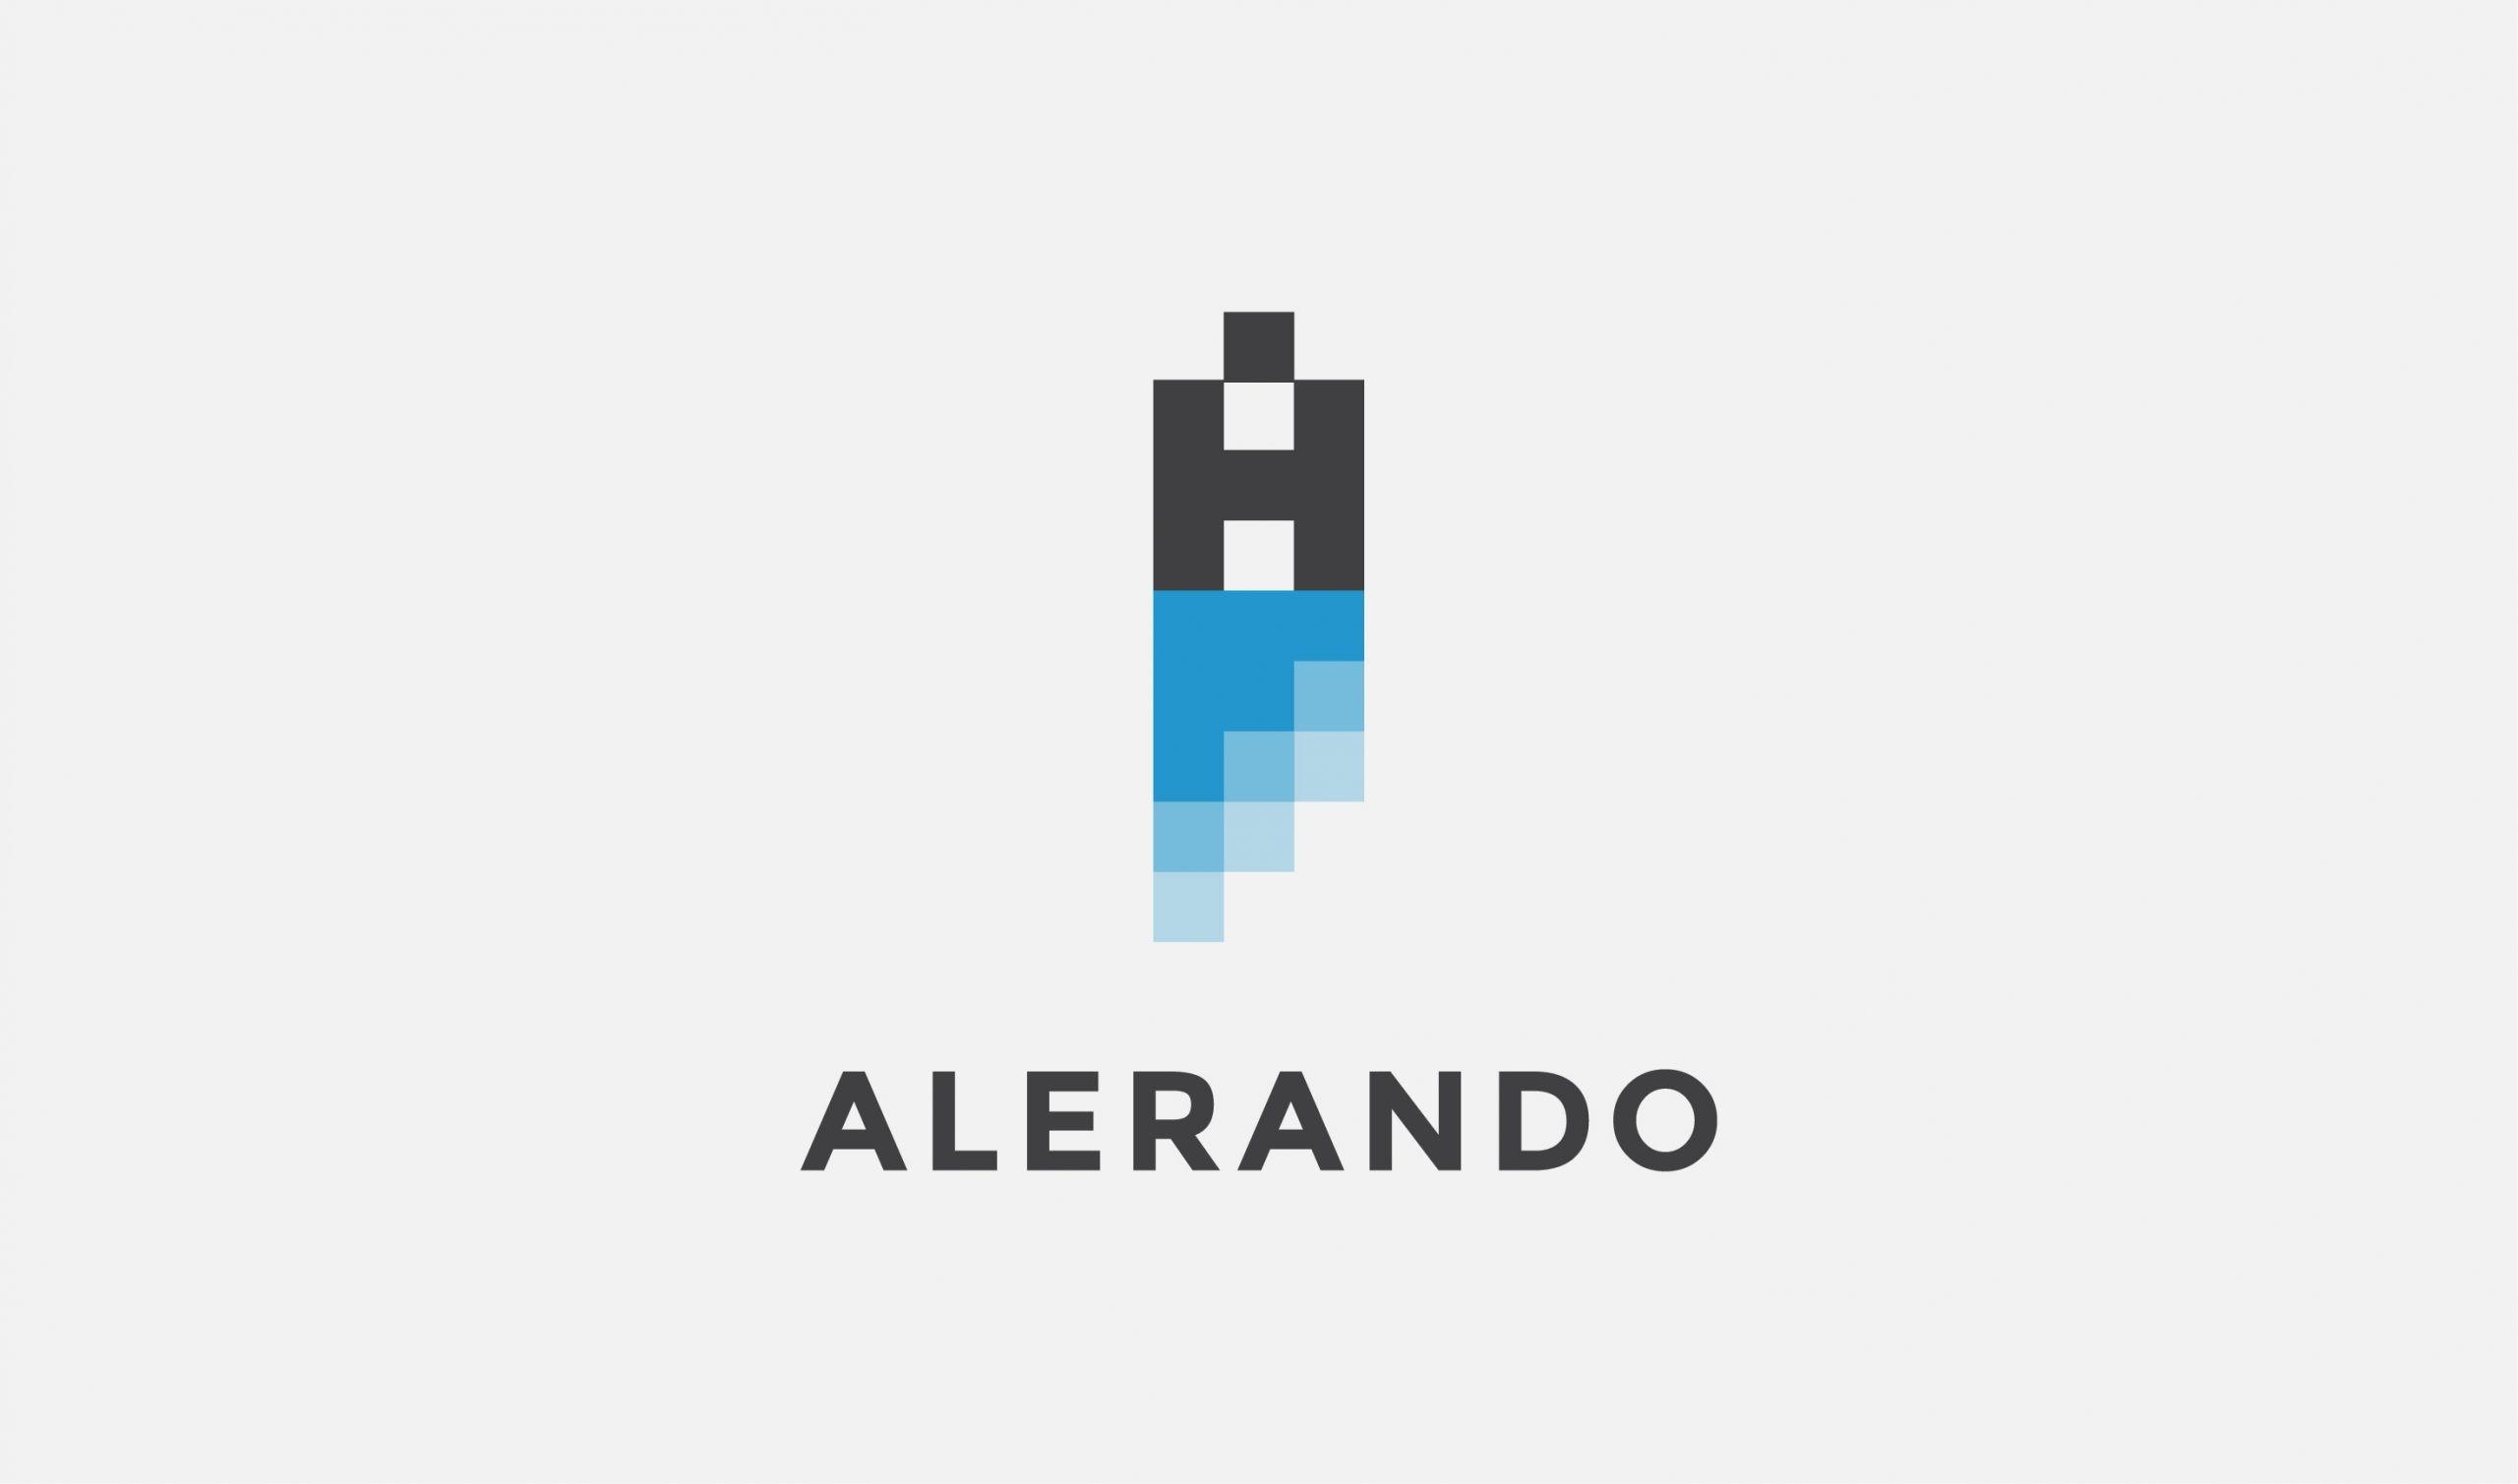 Alerando Identità visiva Developer - Logo